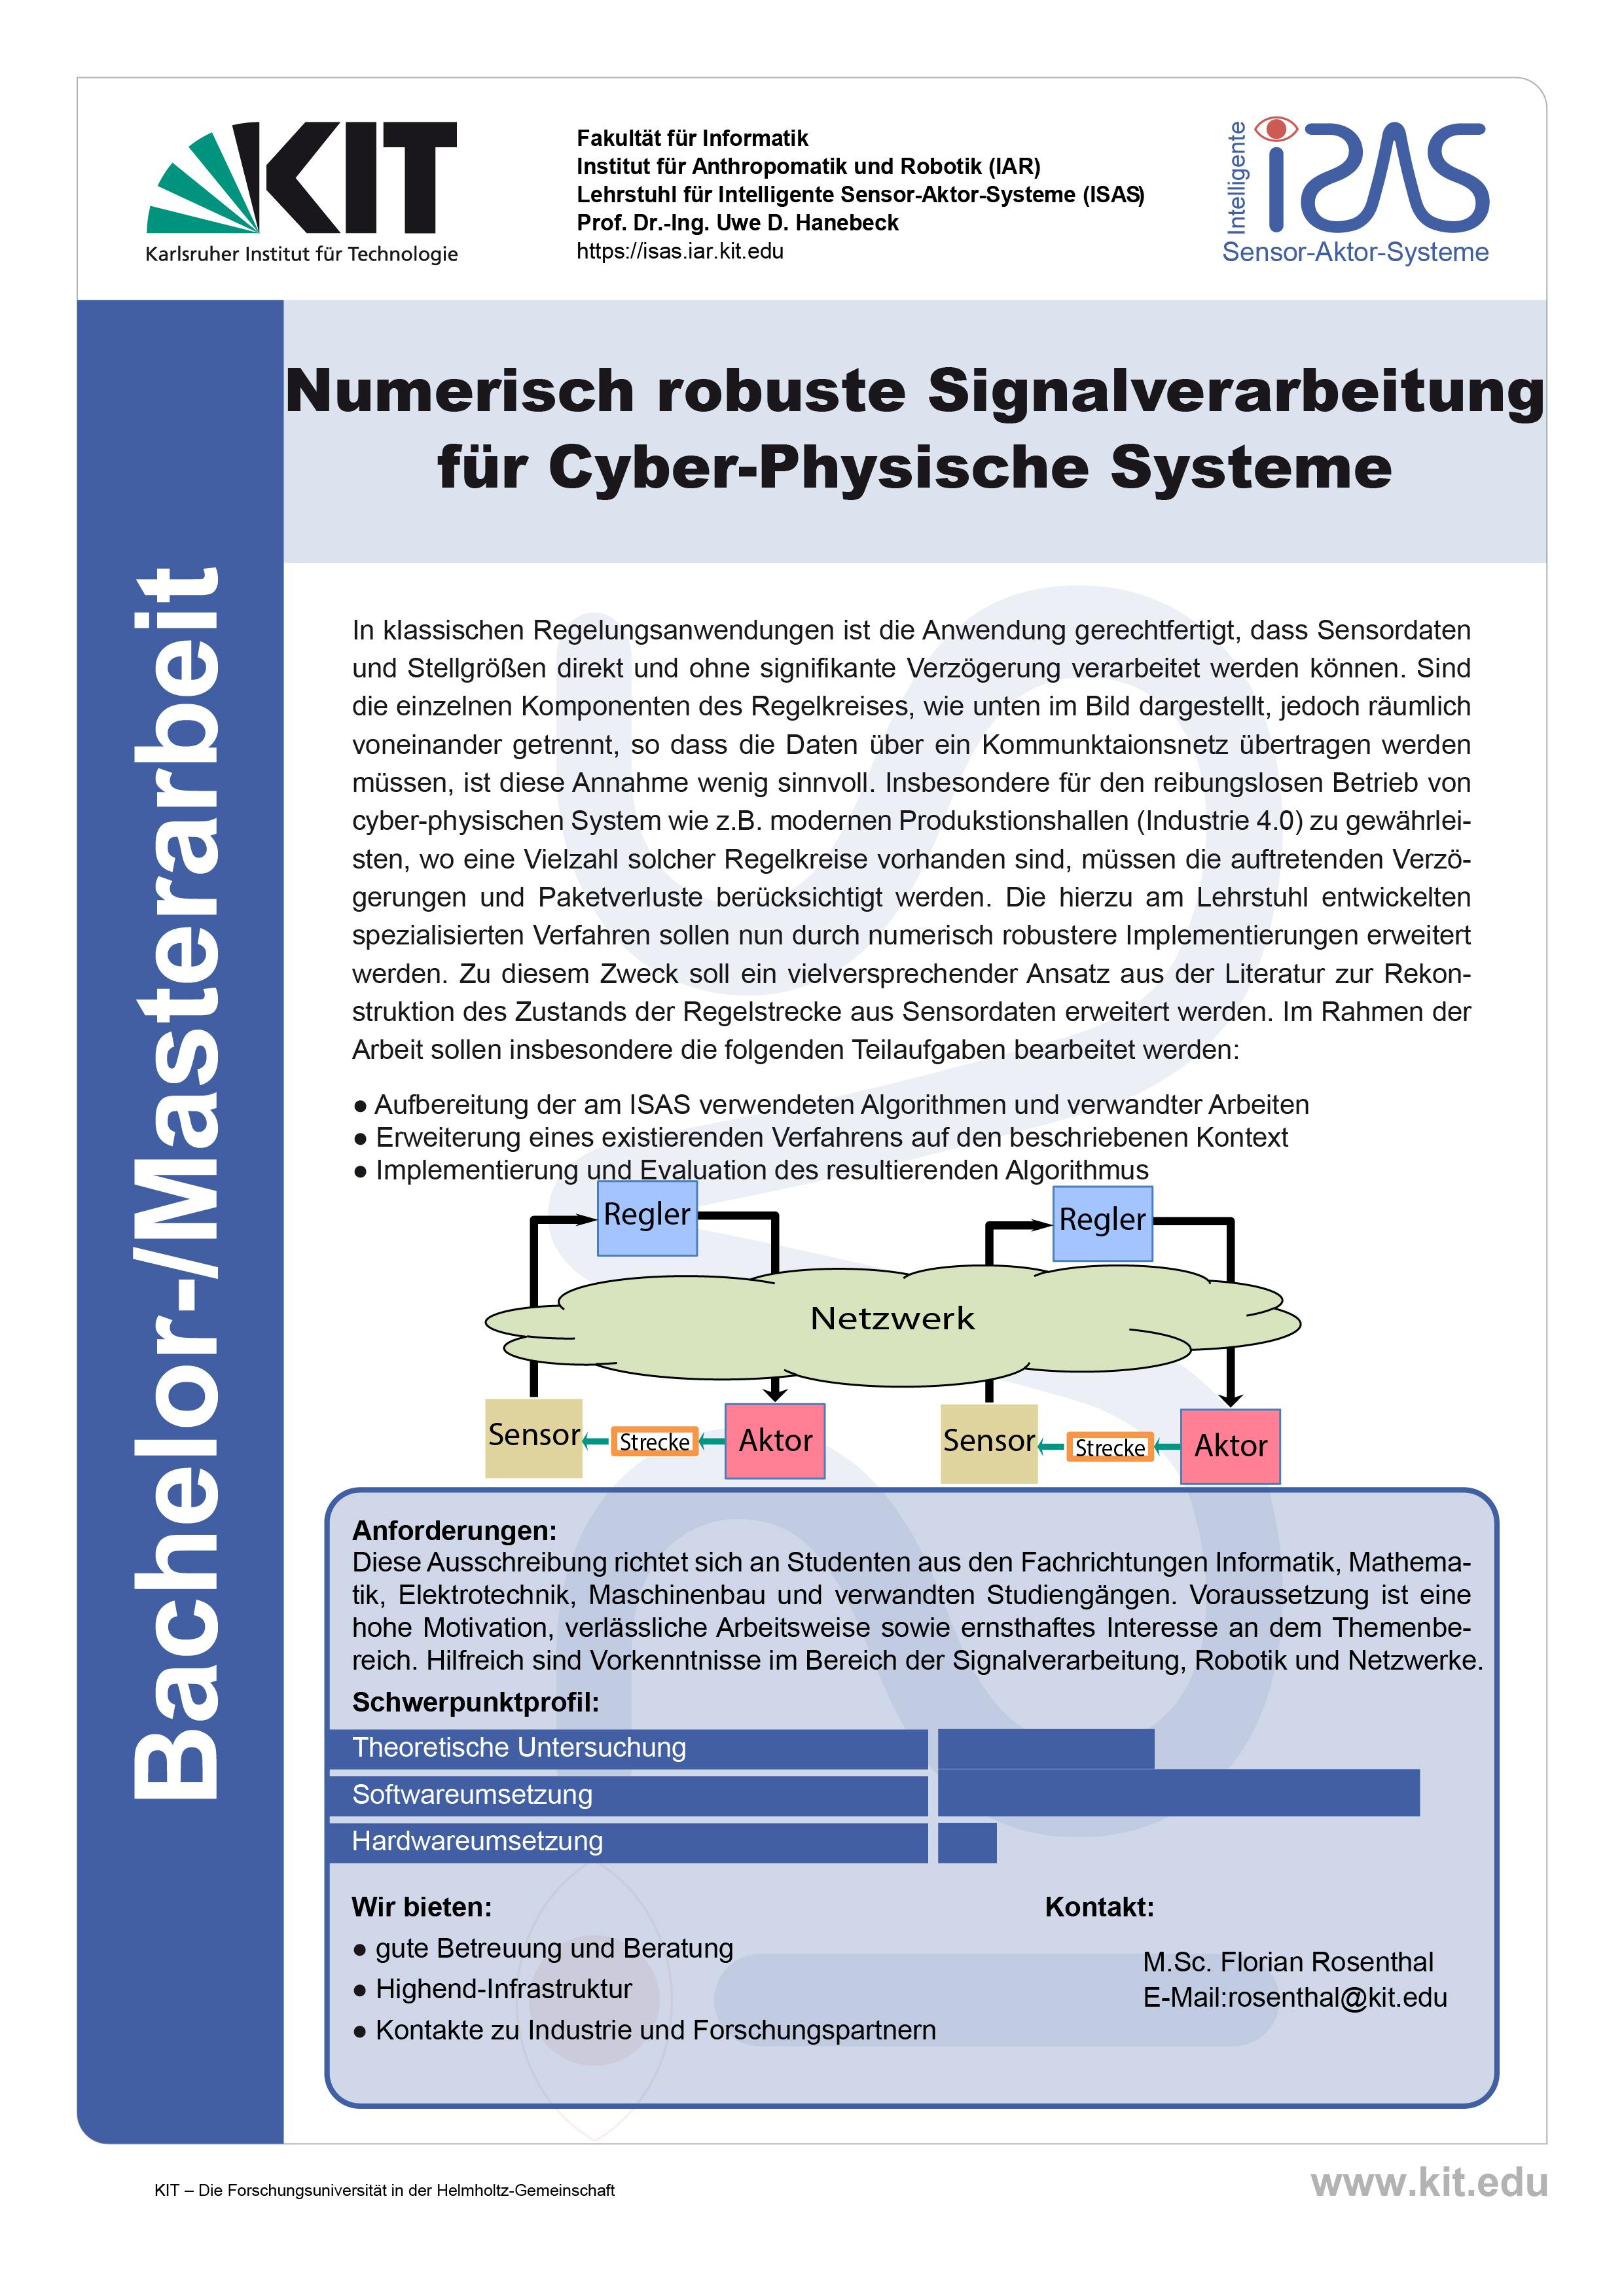 Numerisch robuste Signalverarbeitung für Cyber-Physische Systeme